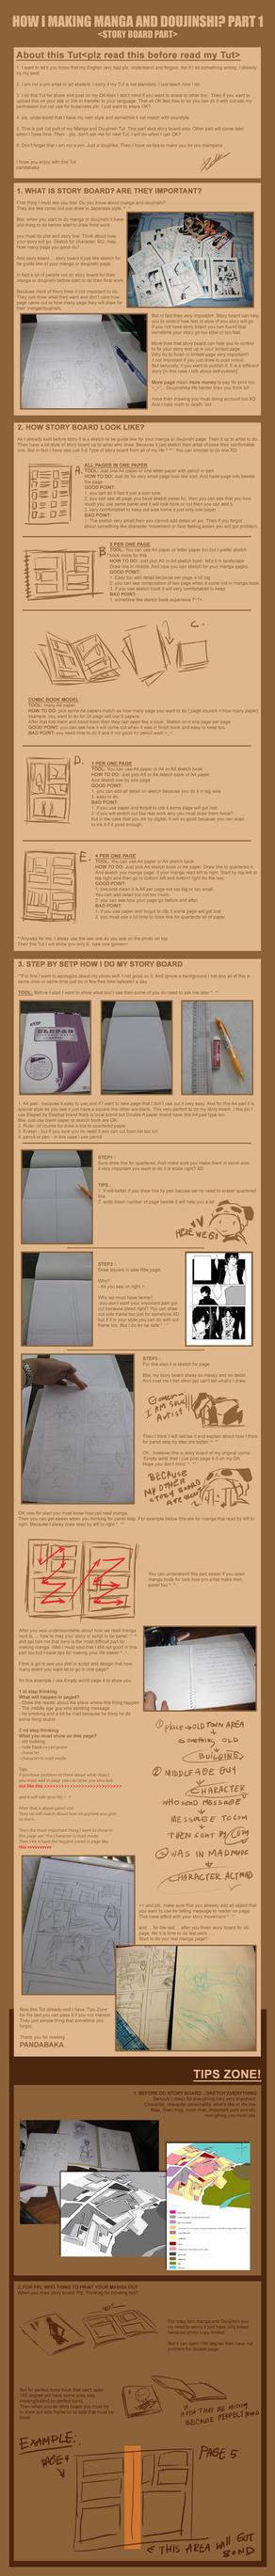 How I making manga part 1 by pandabaka